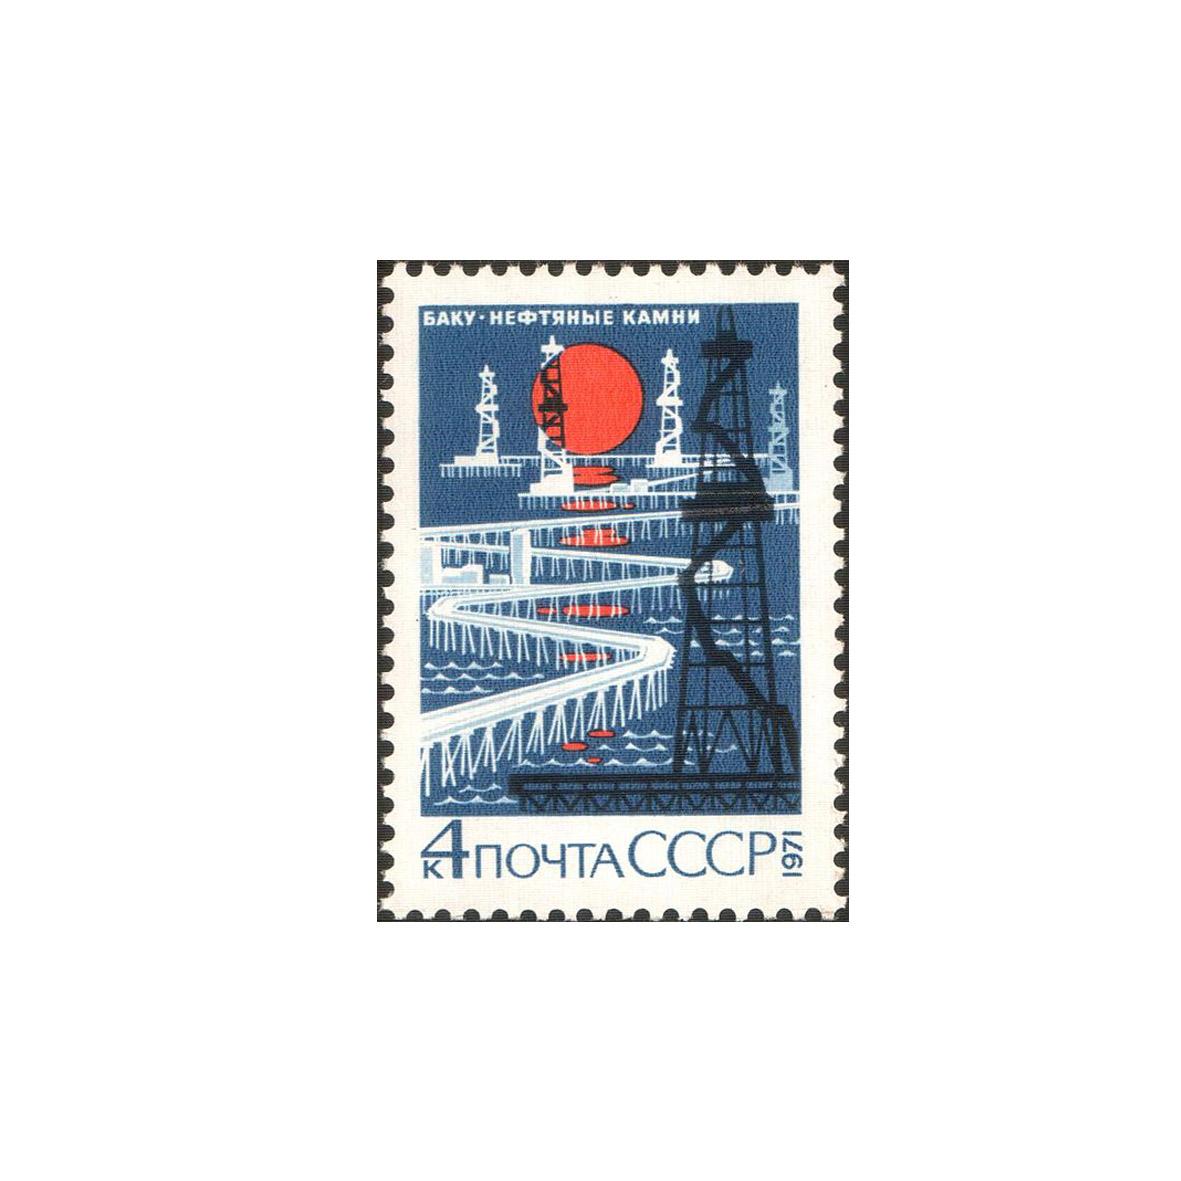 Neft Dashlari_Stamp.jpg